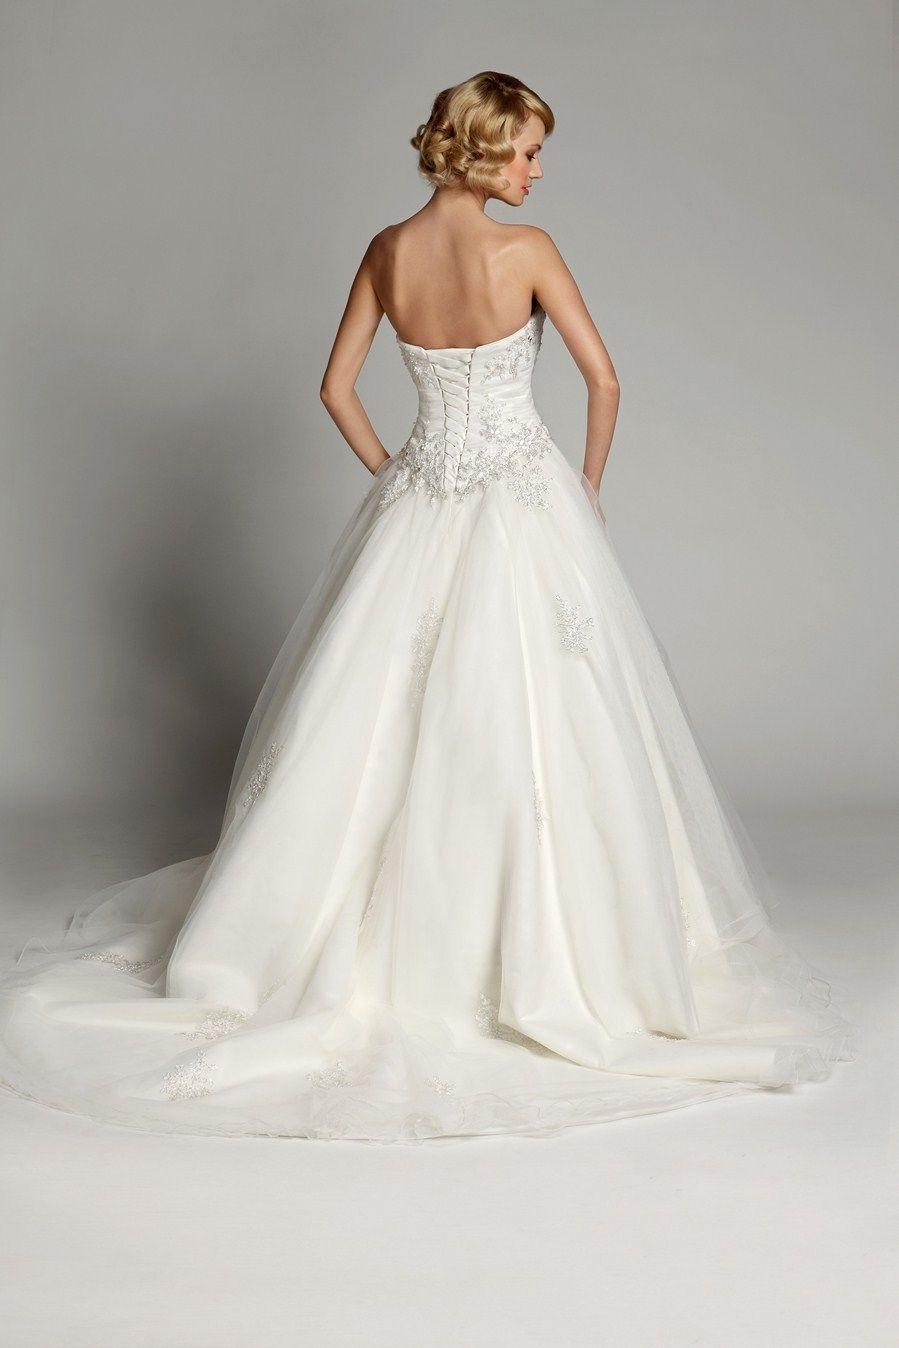 Sexy Application Wedding DressBridal Gown Custom Size 6 22